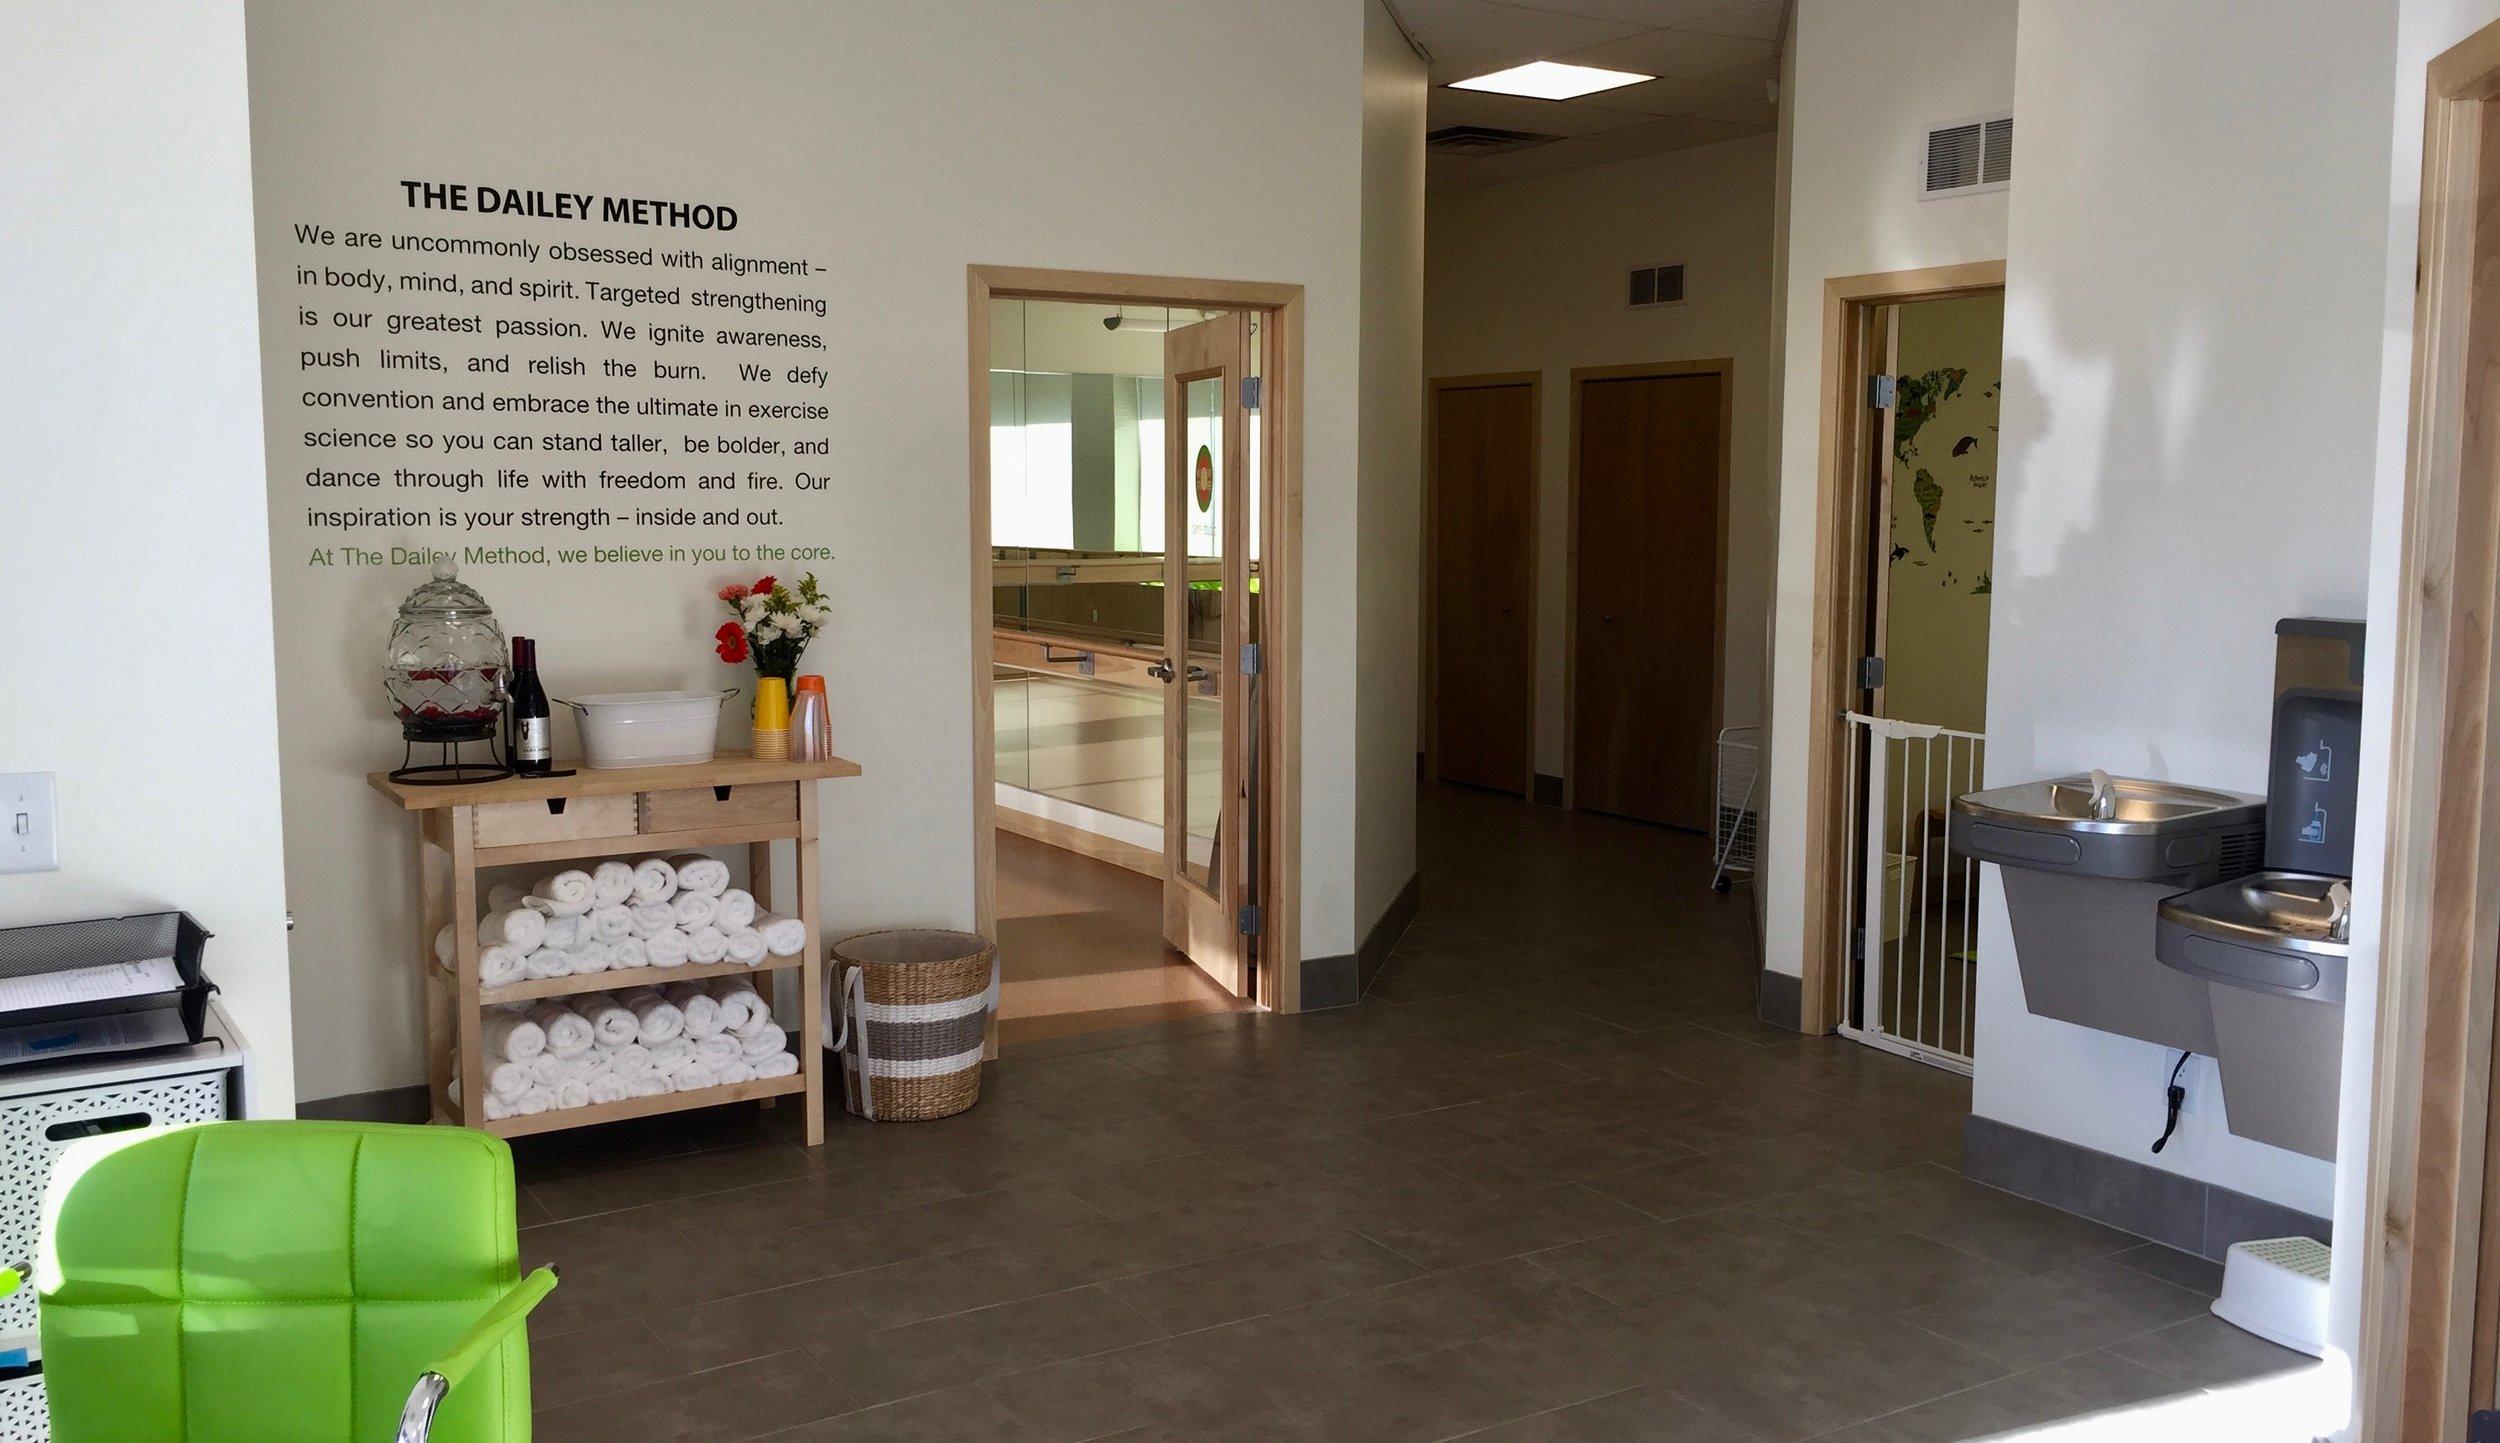 The Dailey Method Eastown Lobby.